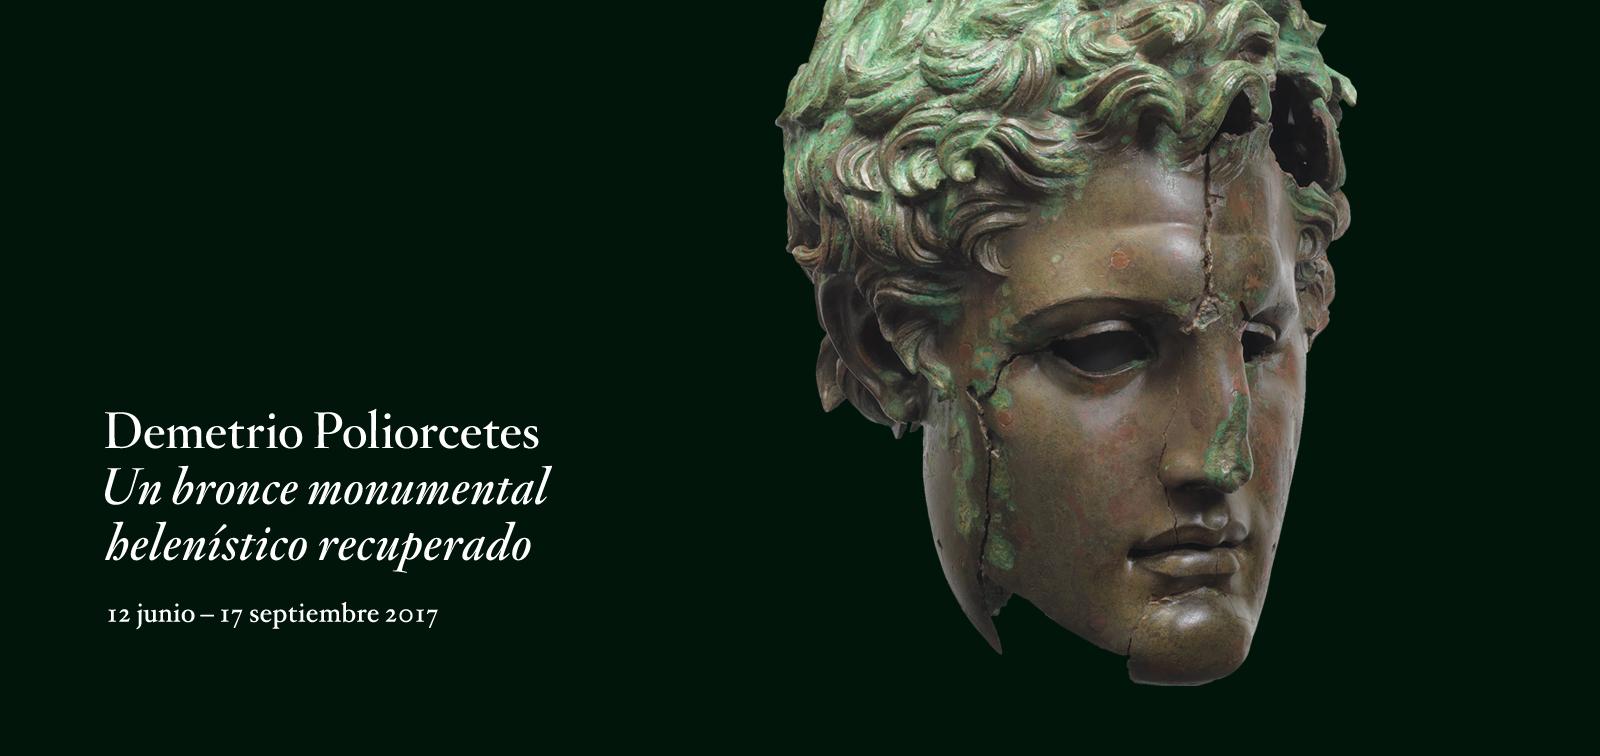 Exposición. Demetrio Poliorcetes. Un bronce monumental helenístico recuperado